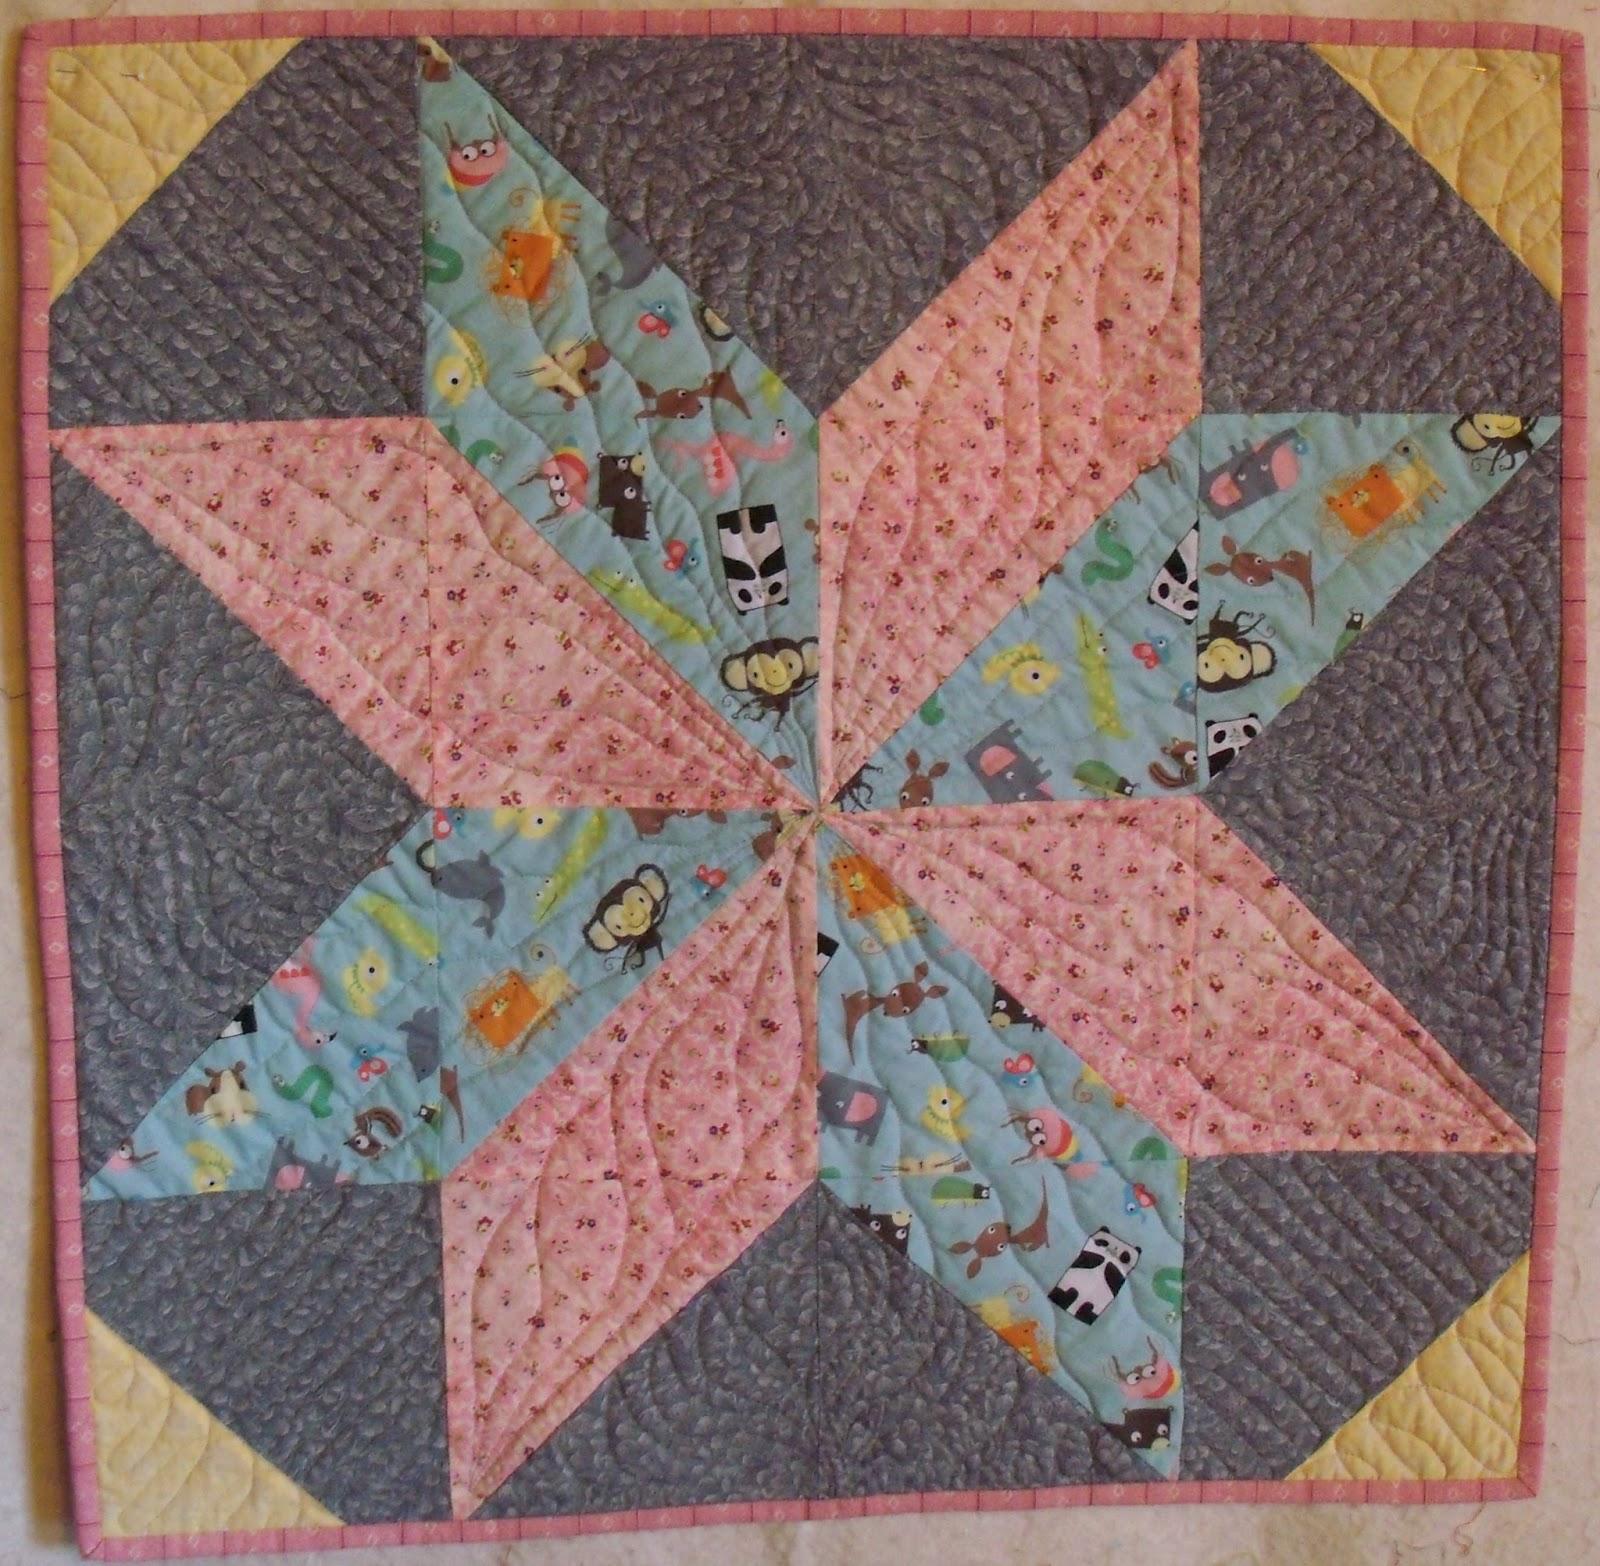 http://3.bp.blogspot.com/-GiBsJSR4npg/UWmbs3aIWaI/AAAAAAAACG8/vWT7VZVvXCA/s1600/Big+Star+Doll+Quilt.jpg